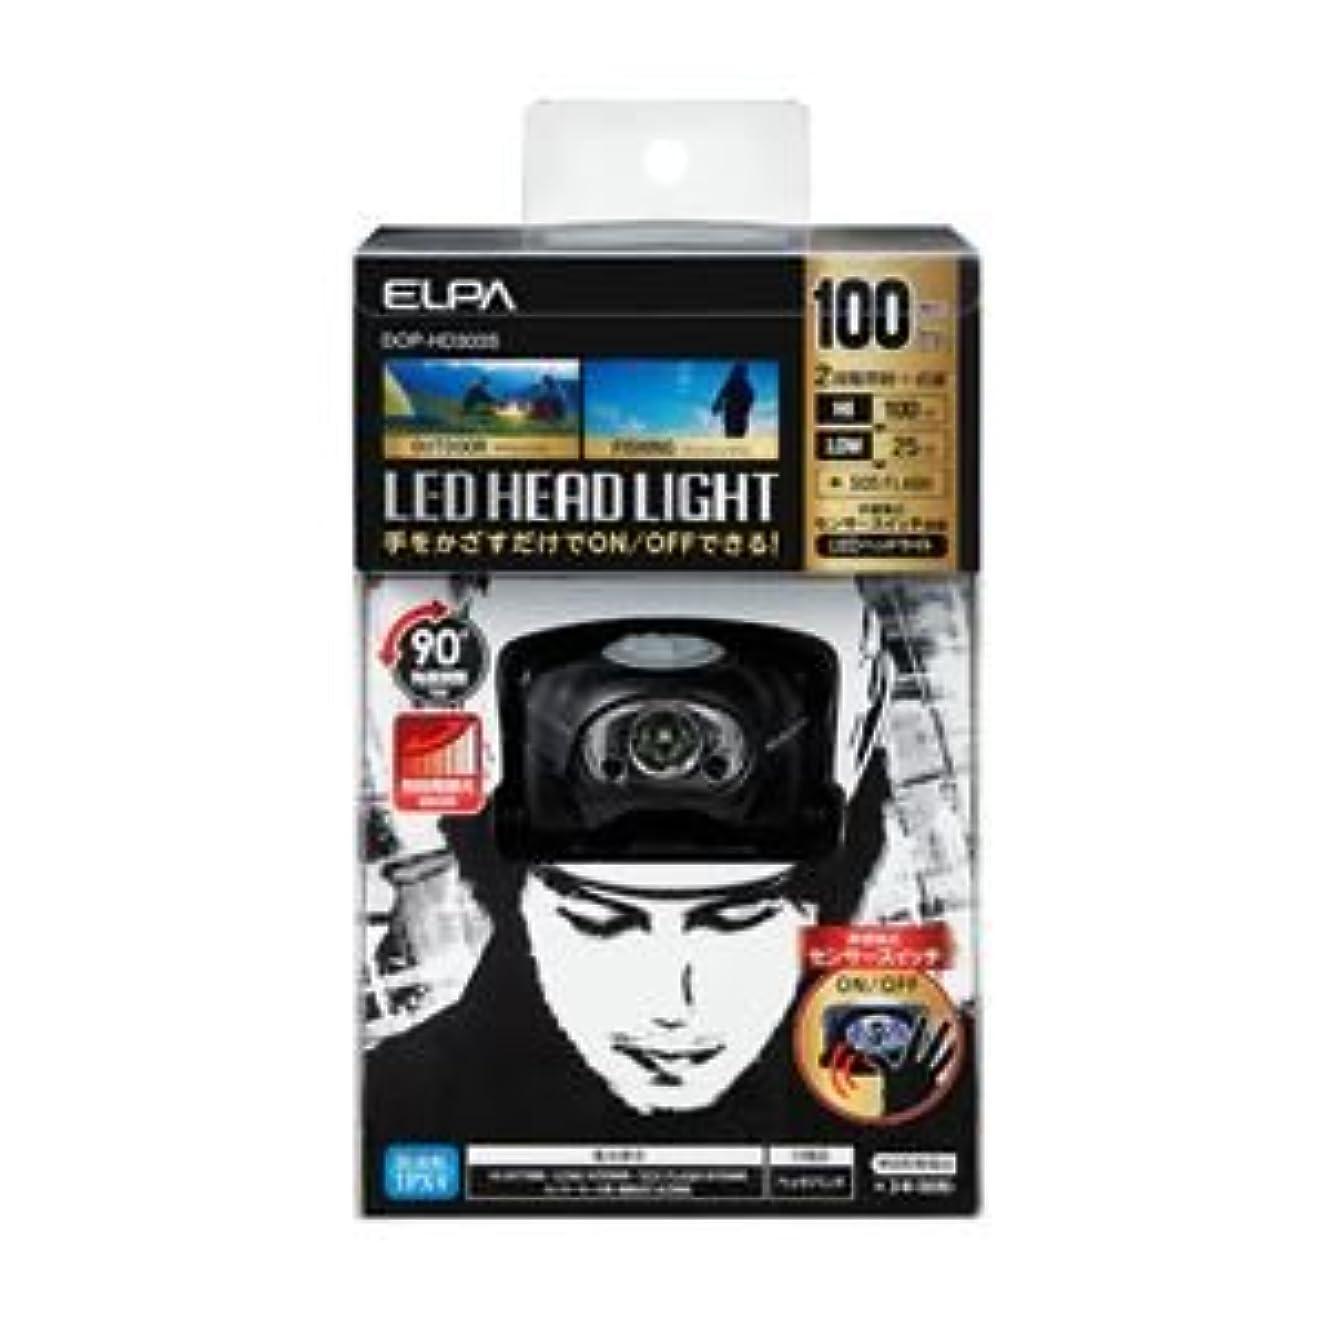 申請中一般執着(業務用セット) ELPA LEDヘッドライト 単4形3本 100ルーメン DOP-HD303S 【×2セット】